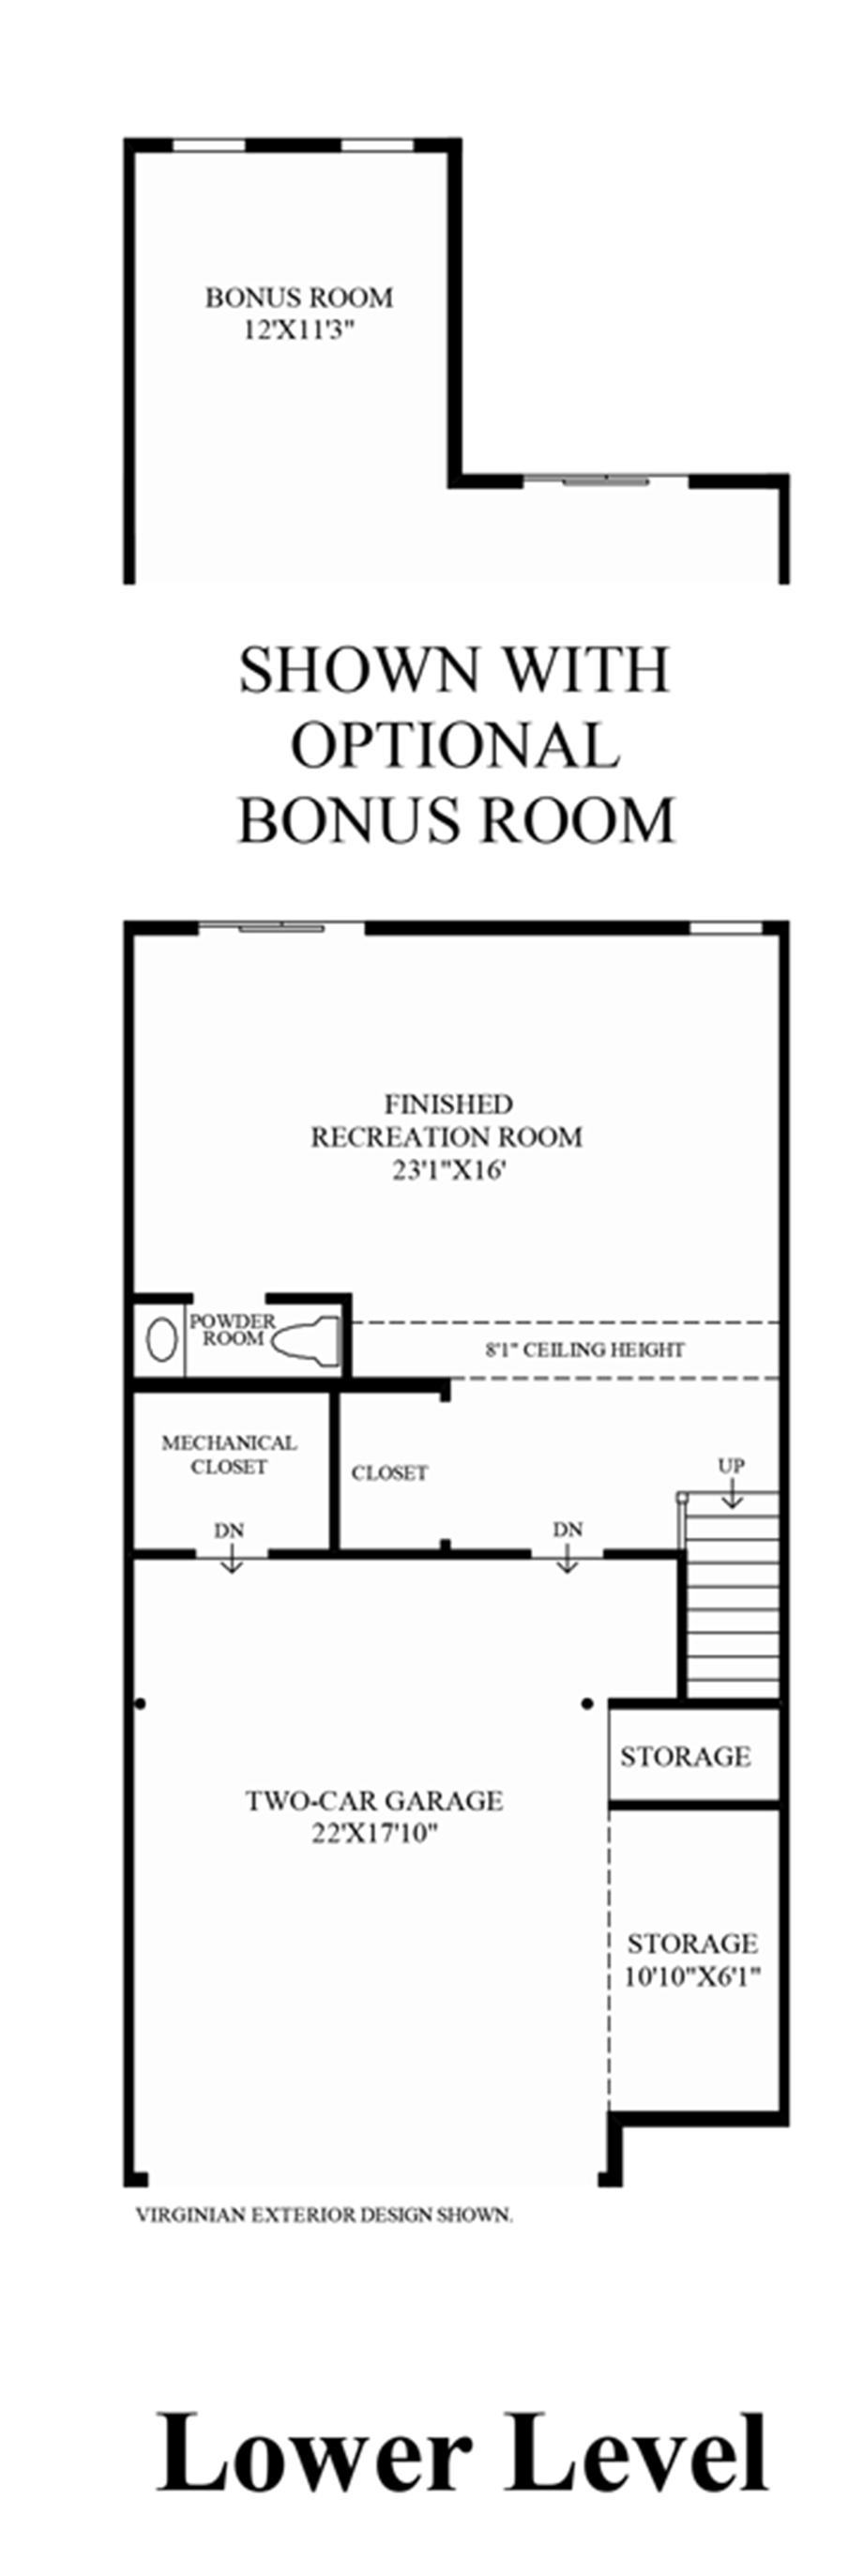 Lower Level (Living Level Entry) Floor Plan